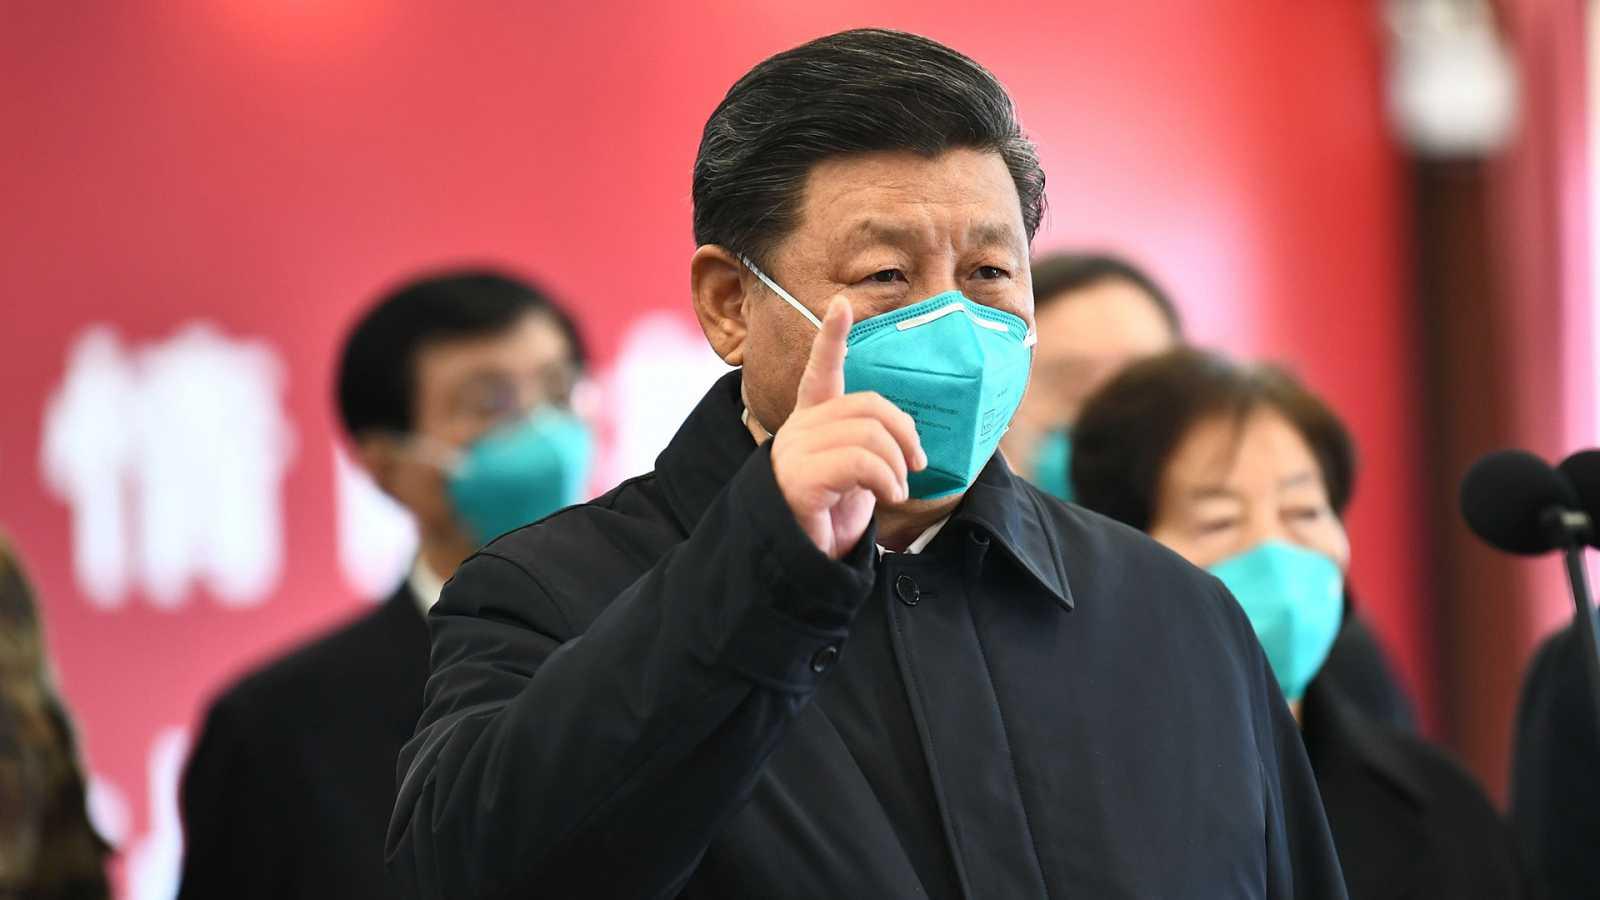 Vídeo: El presidente de China, Xi Jinping, visita la zona cero del coronavirus